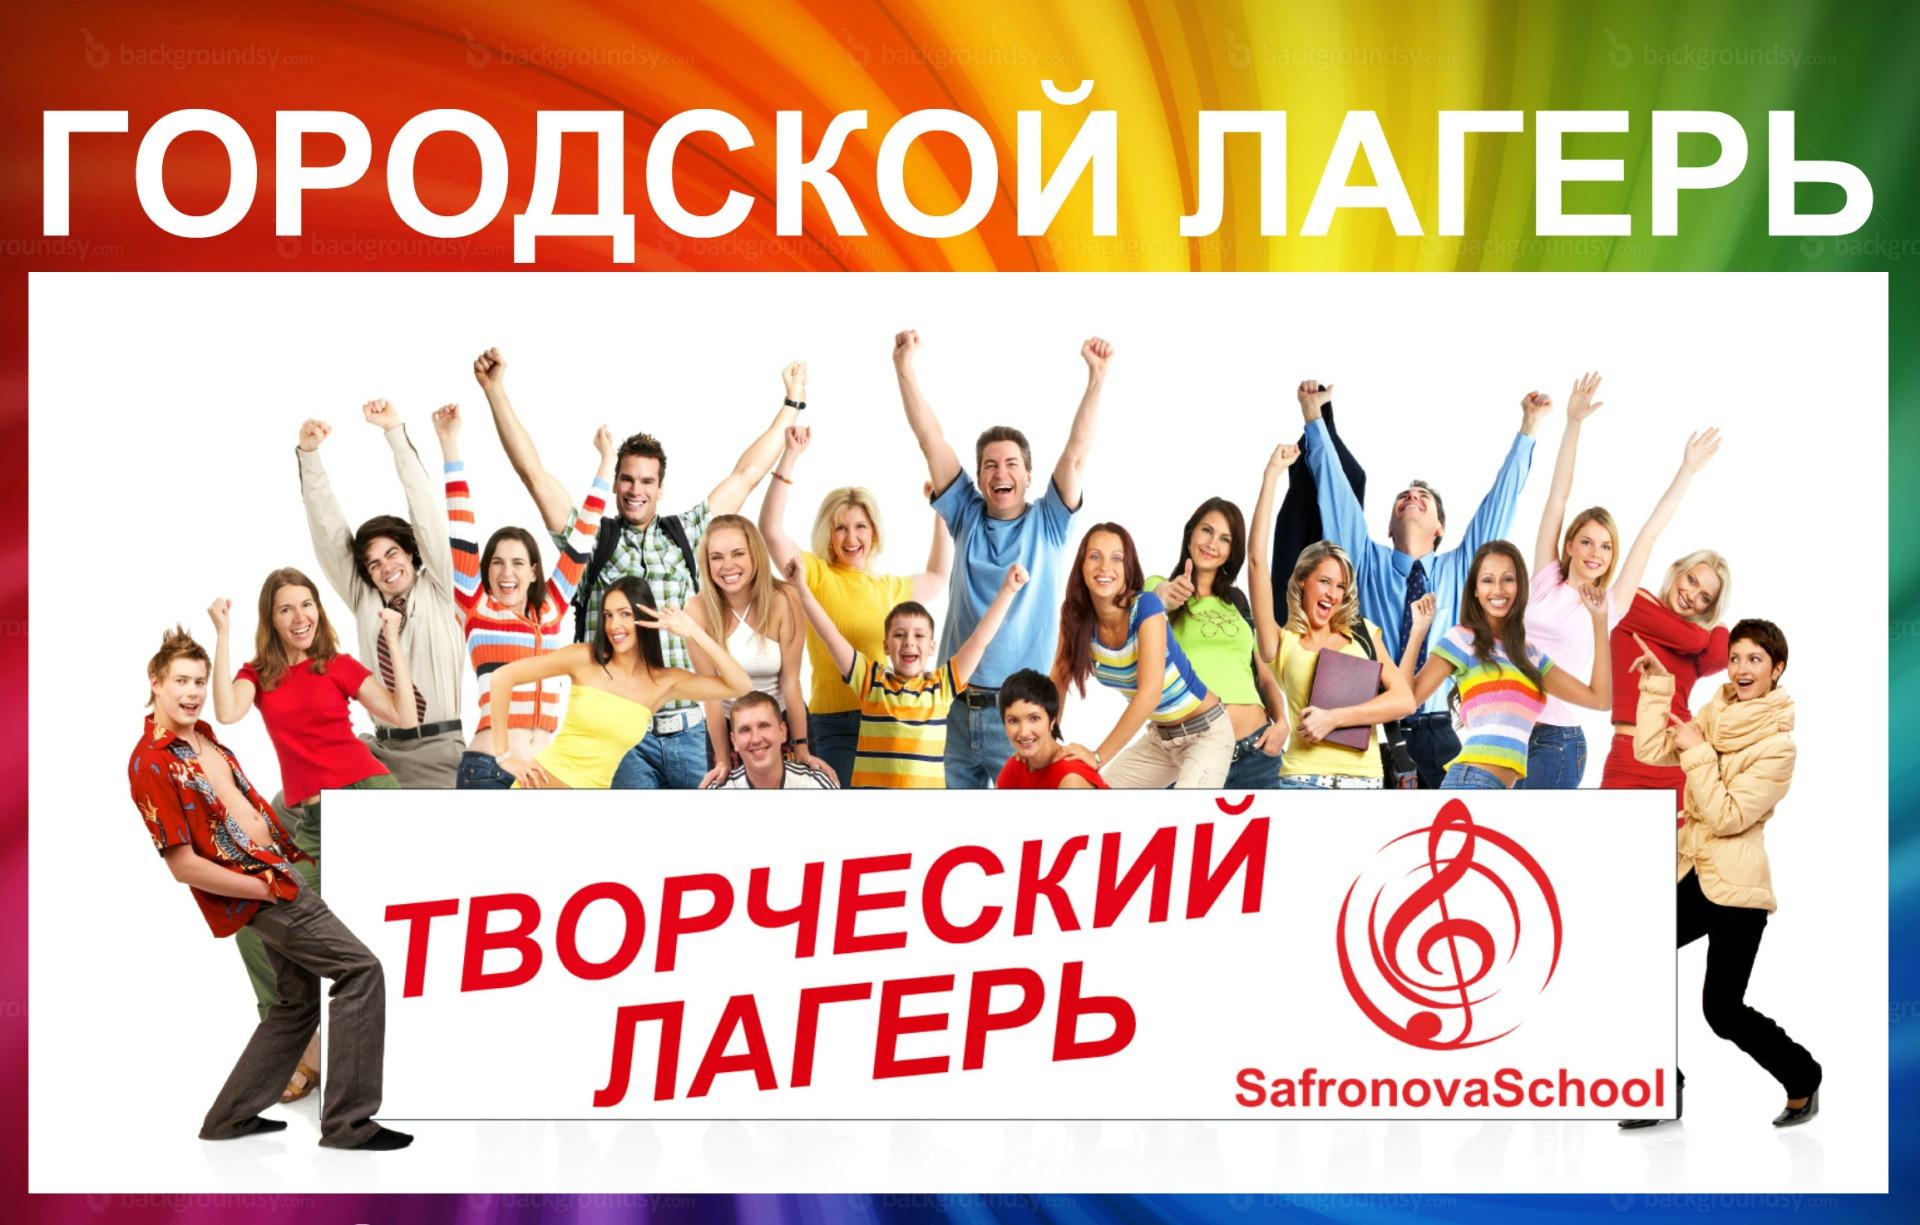 Городской творческий лагерь SafronovaSchool